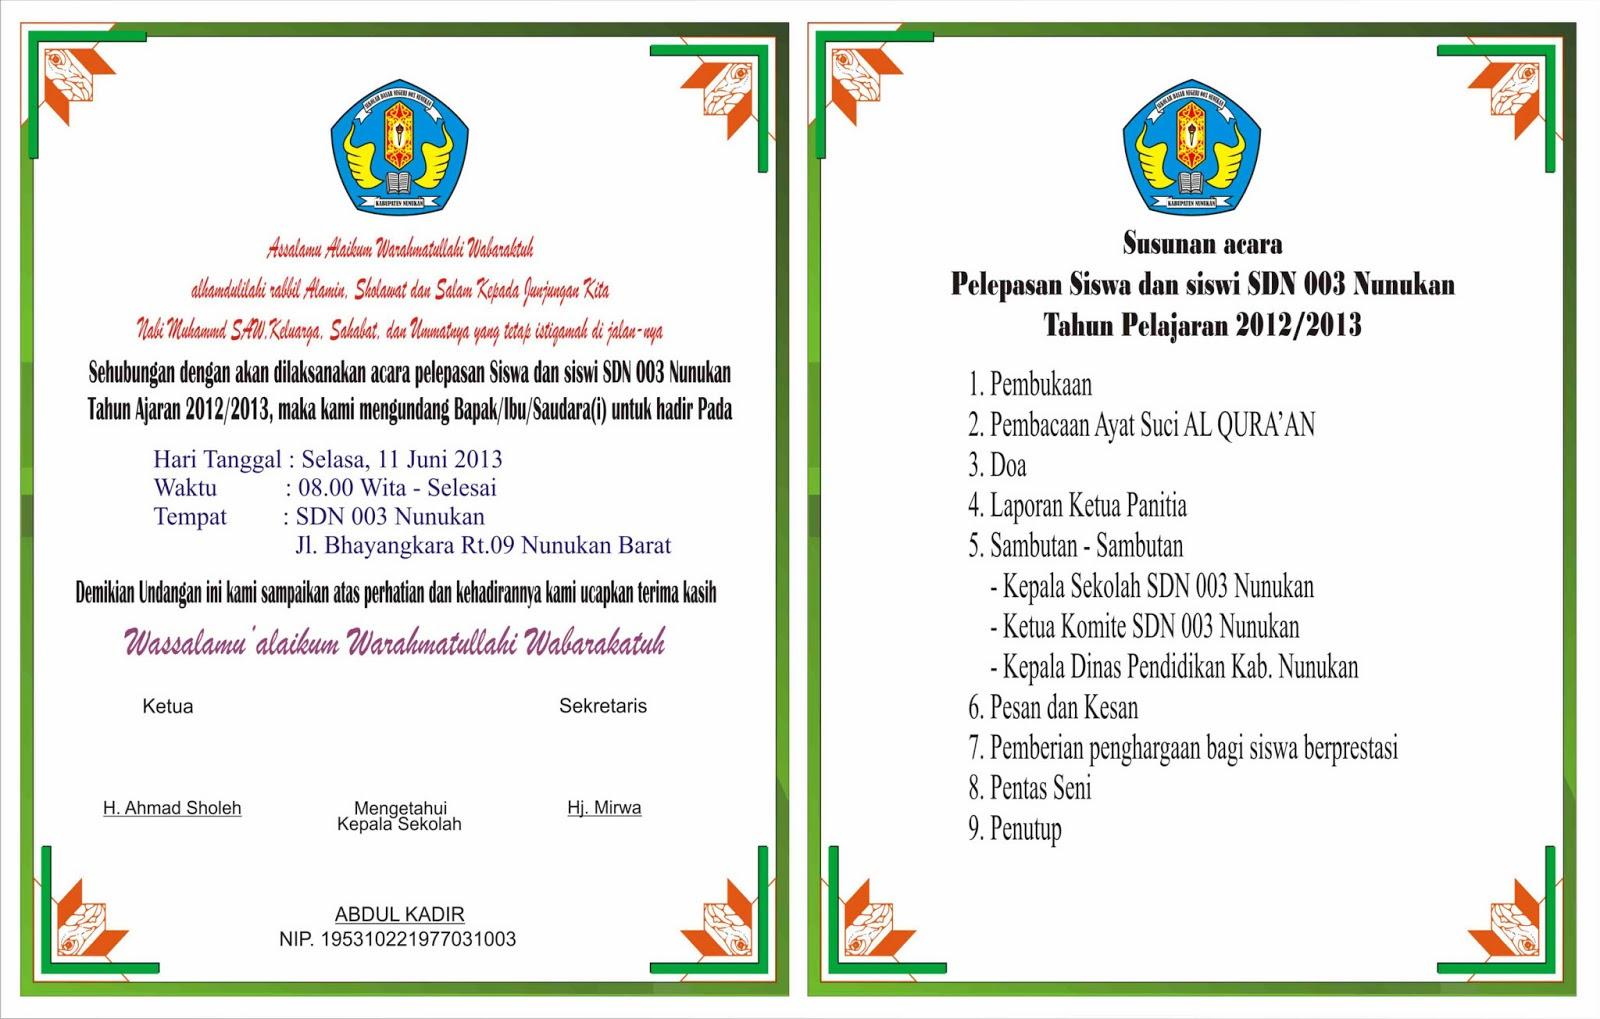 contoh surat undangan perpisahan untuk guru contoh isi undangan